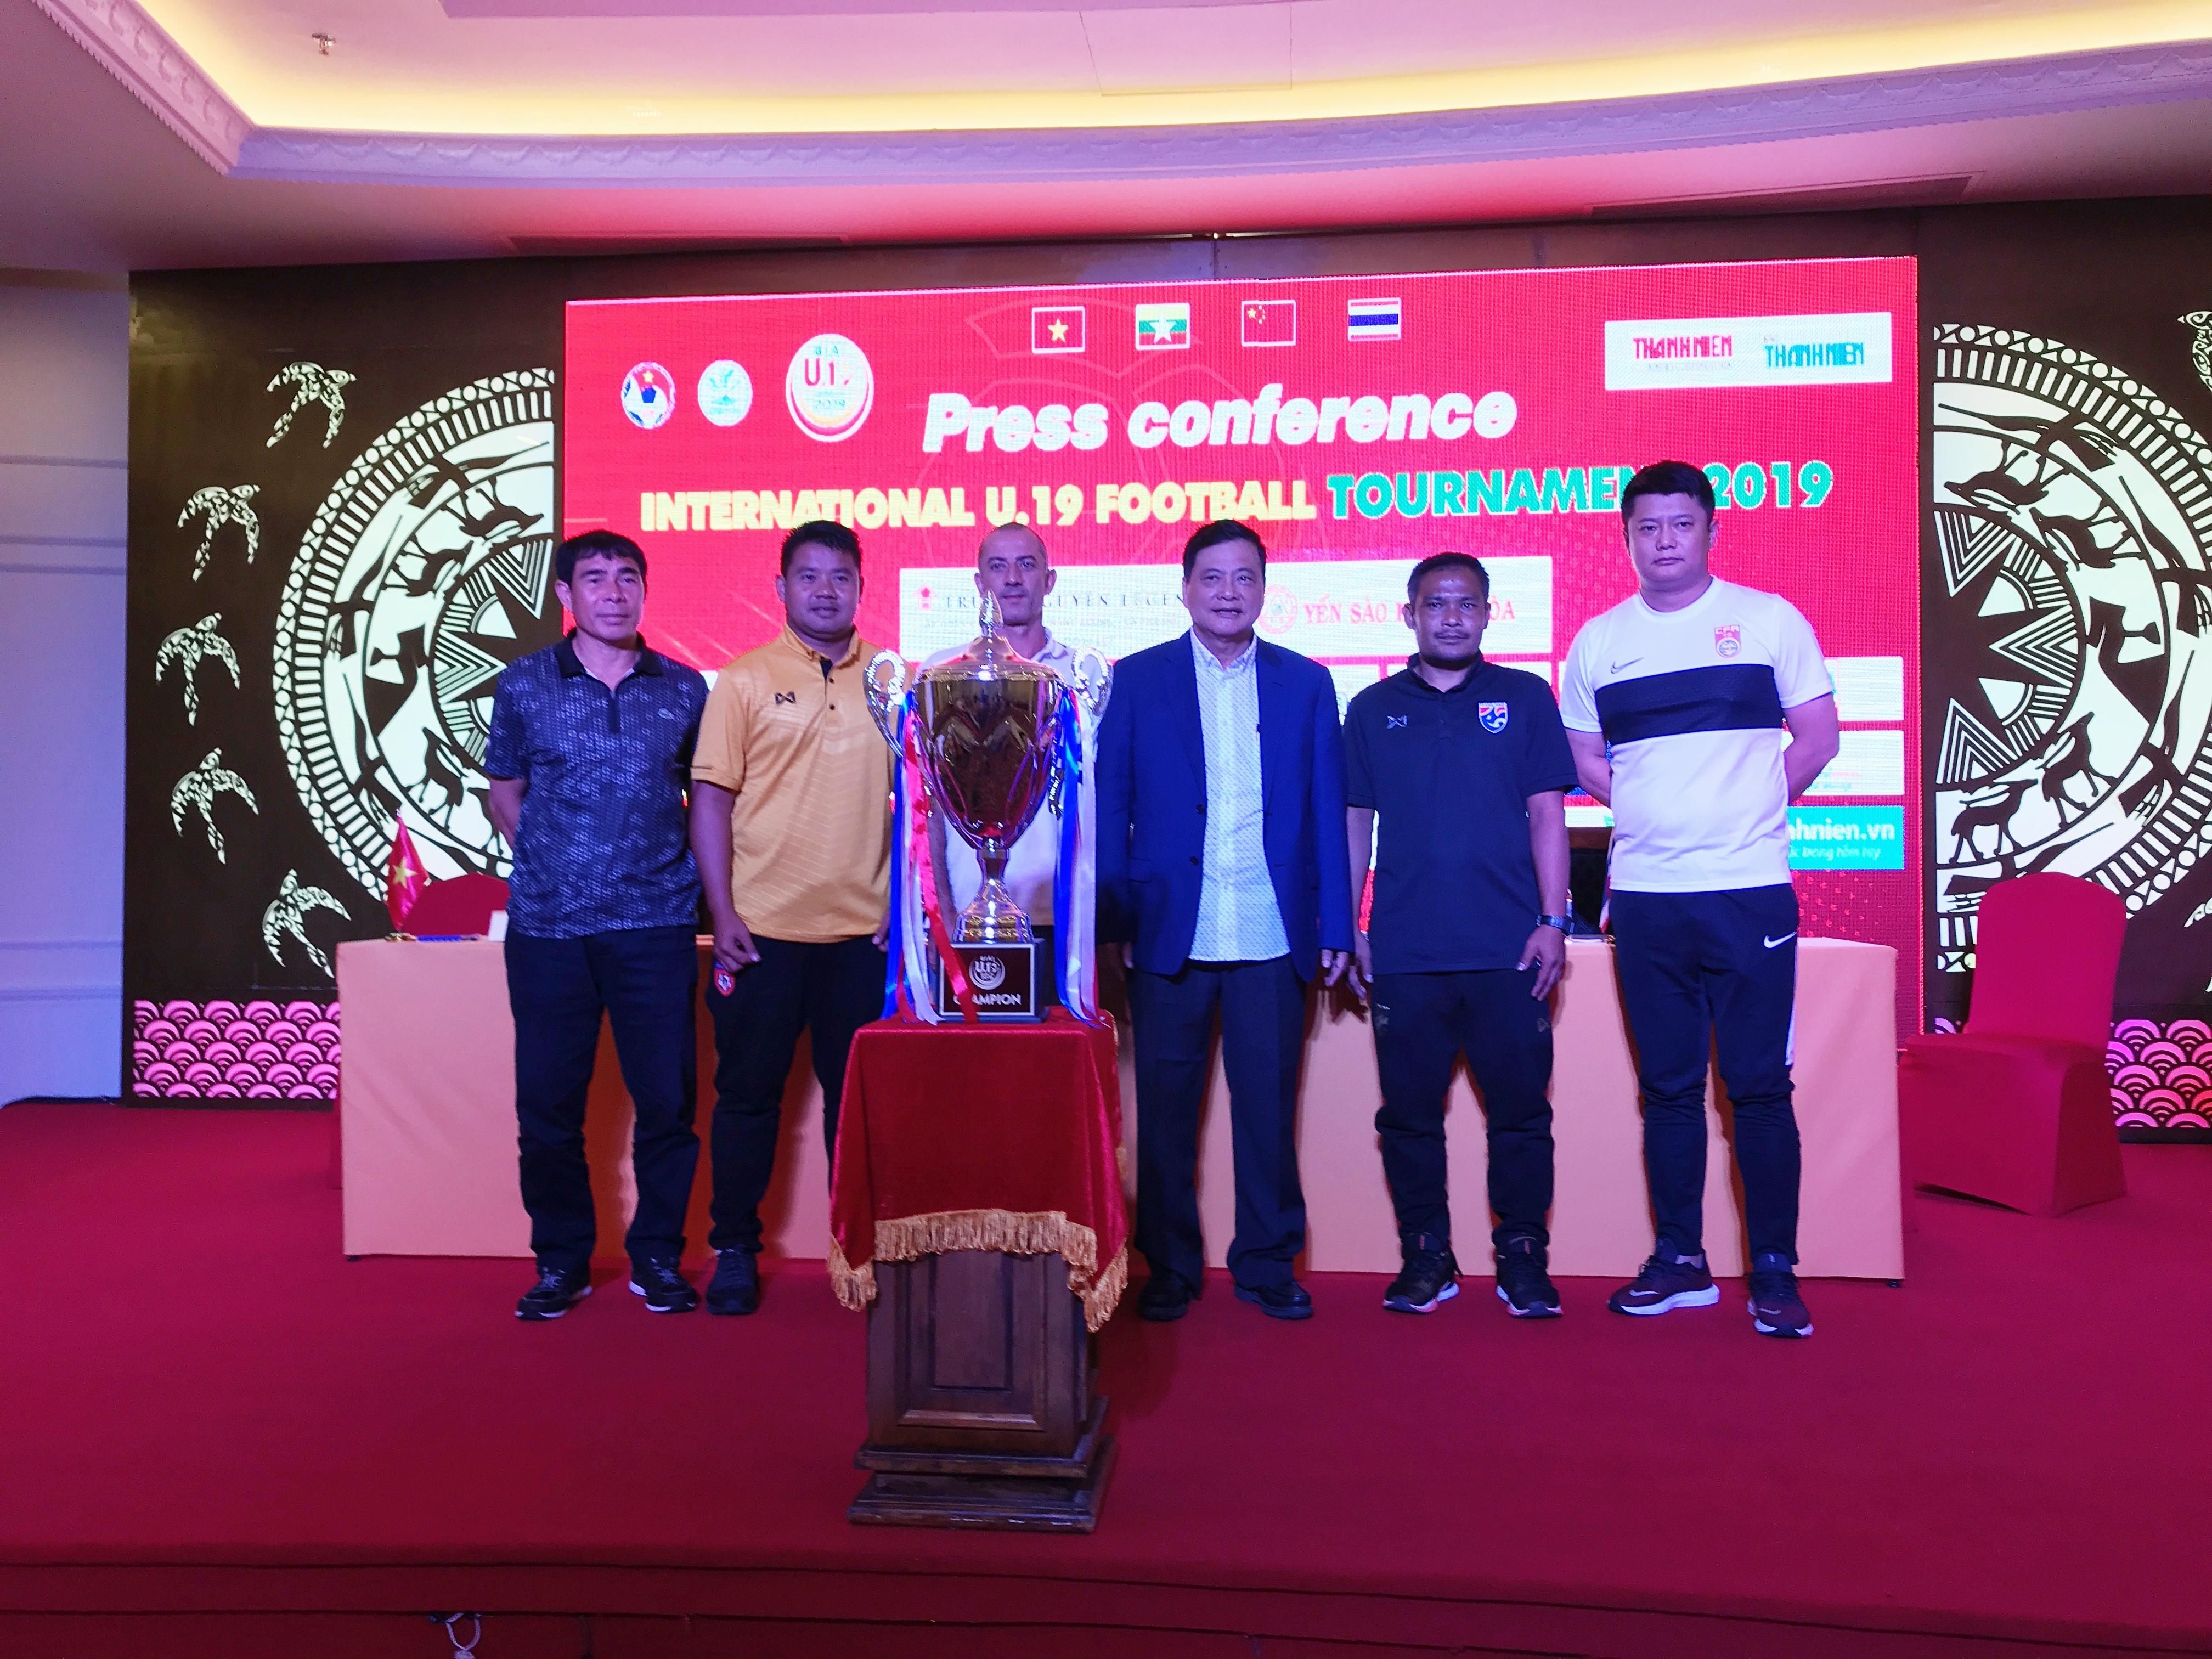 Thầy Công Phượng tự tin với lứa U19 tuyển chọn Việt Nam - Bóng Đá